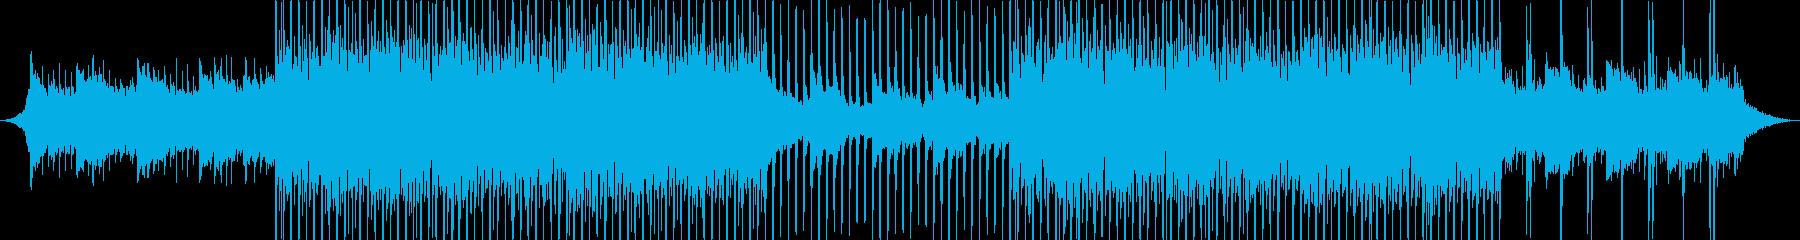 洋楽風 トロピカルハウス アコギの再生済みの波形